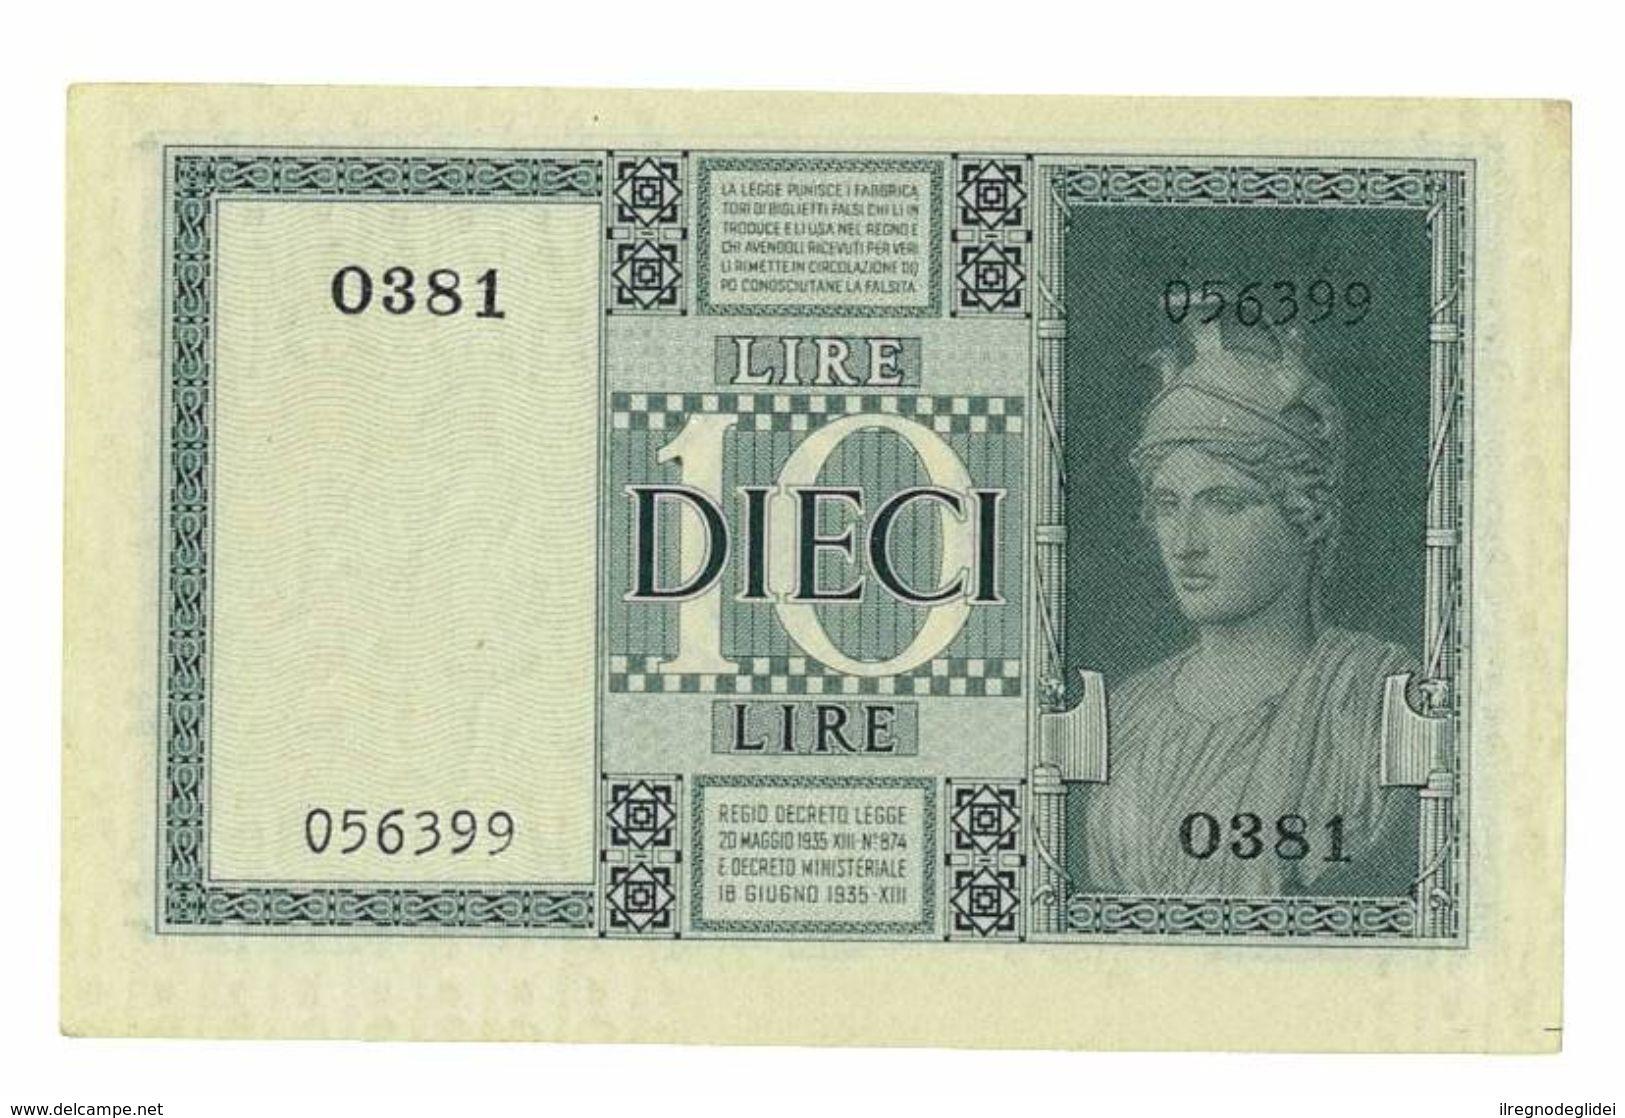 REGNO D'ITALIA - 10 LIRE IMPERO - DECRETO 1938 XVII - FIOR DI STAMPA - GRASSI,COLLARI,PORENA - 0381 - 056399 - [ 1] …-1946 : Kingdom